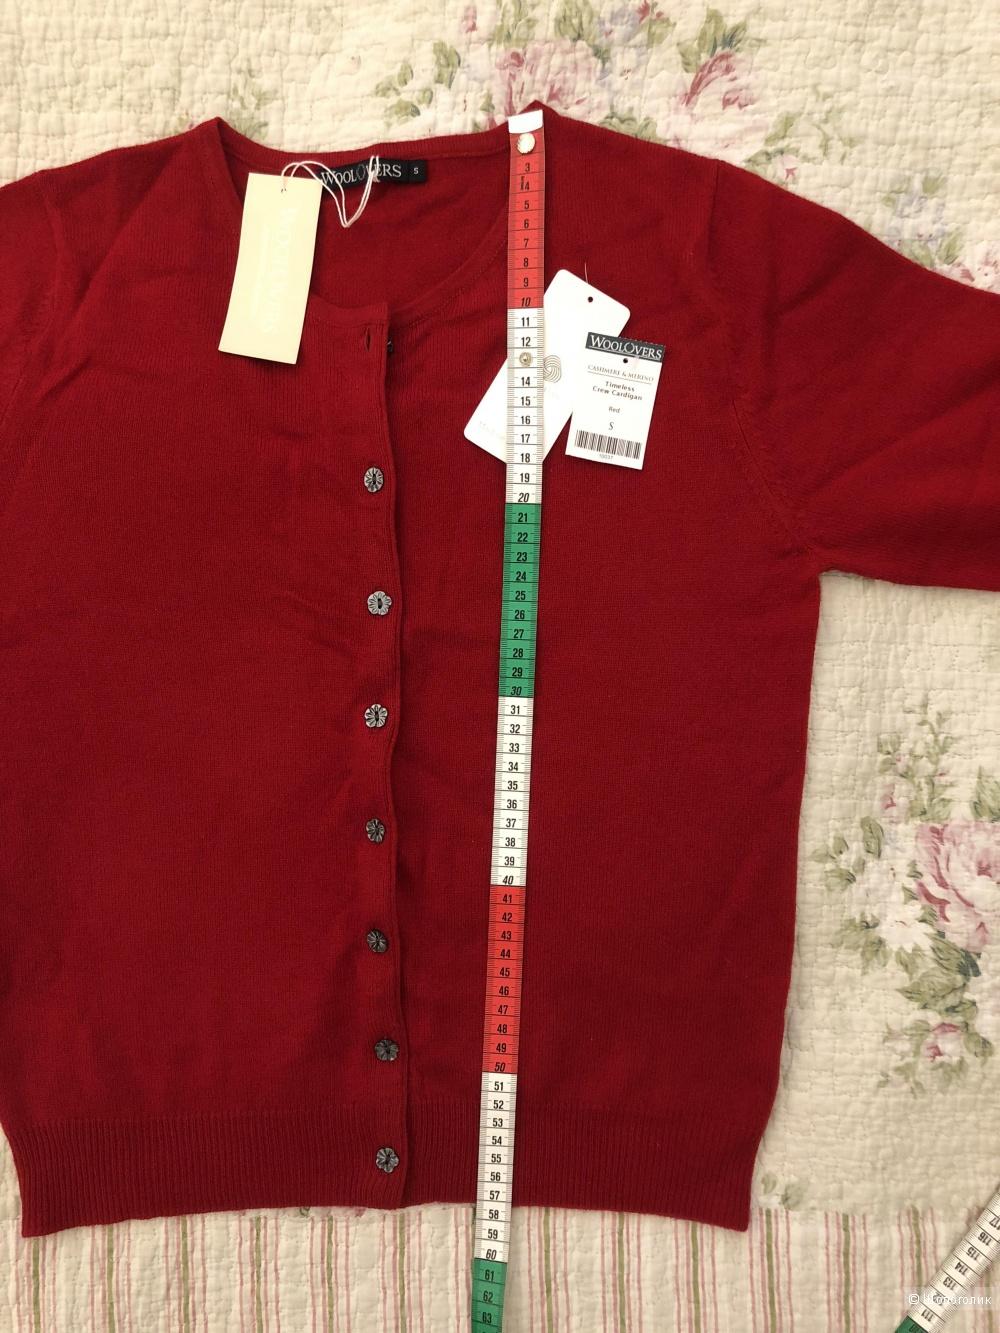 Кардиган (кофта) WoolОvers. Размер S